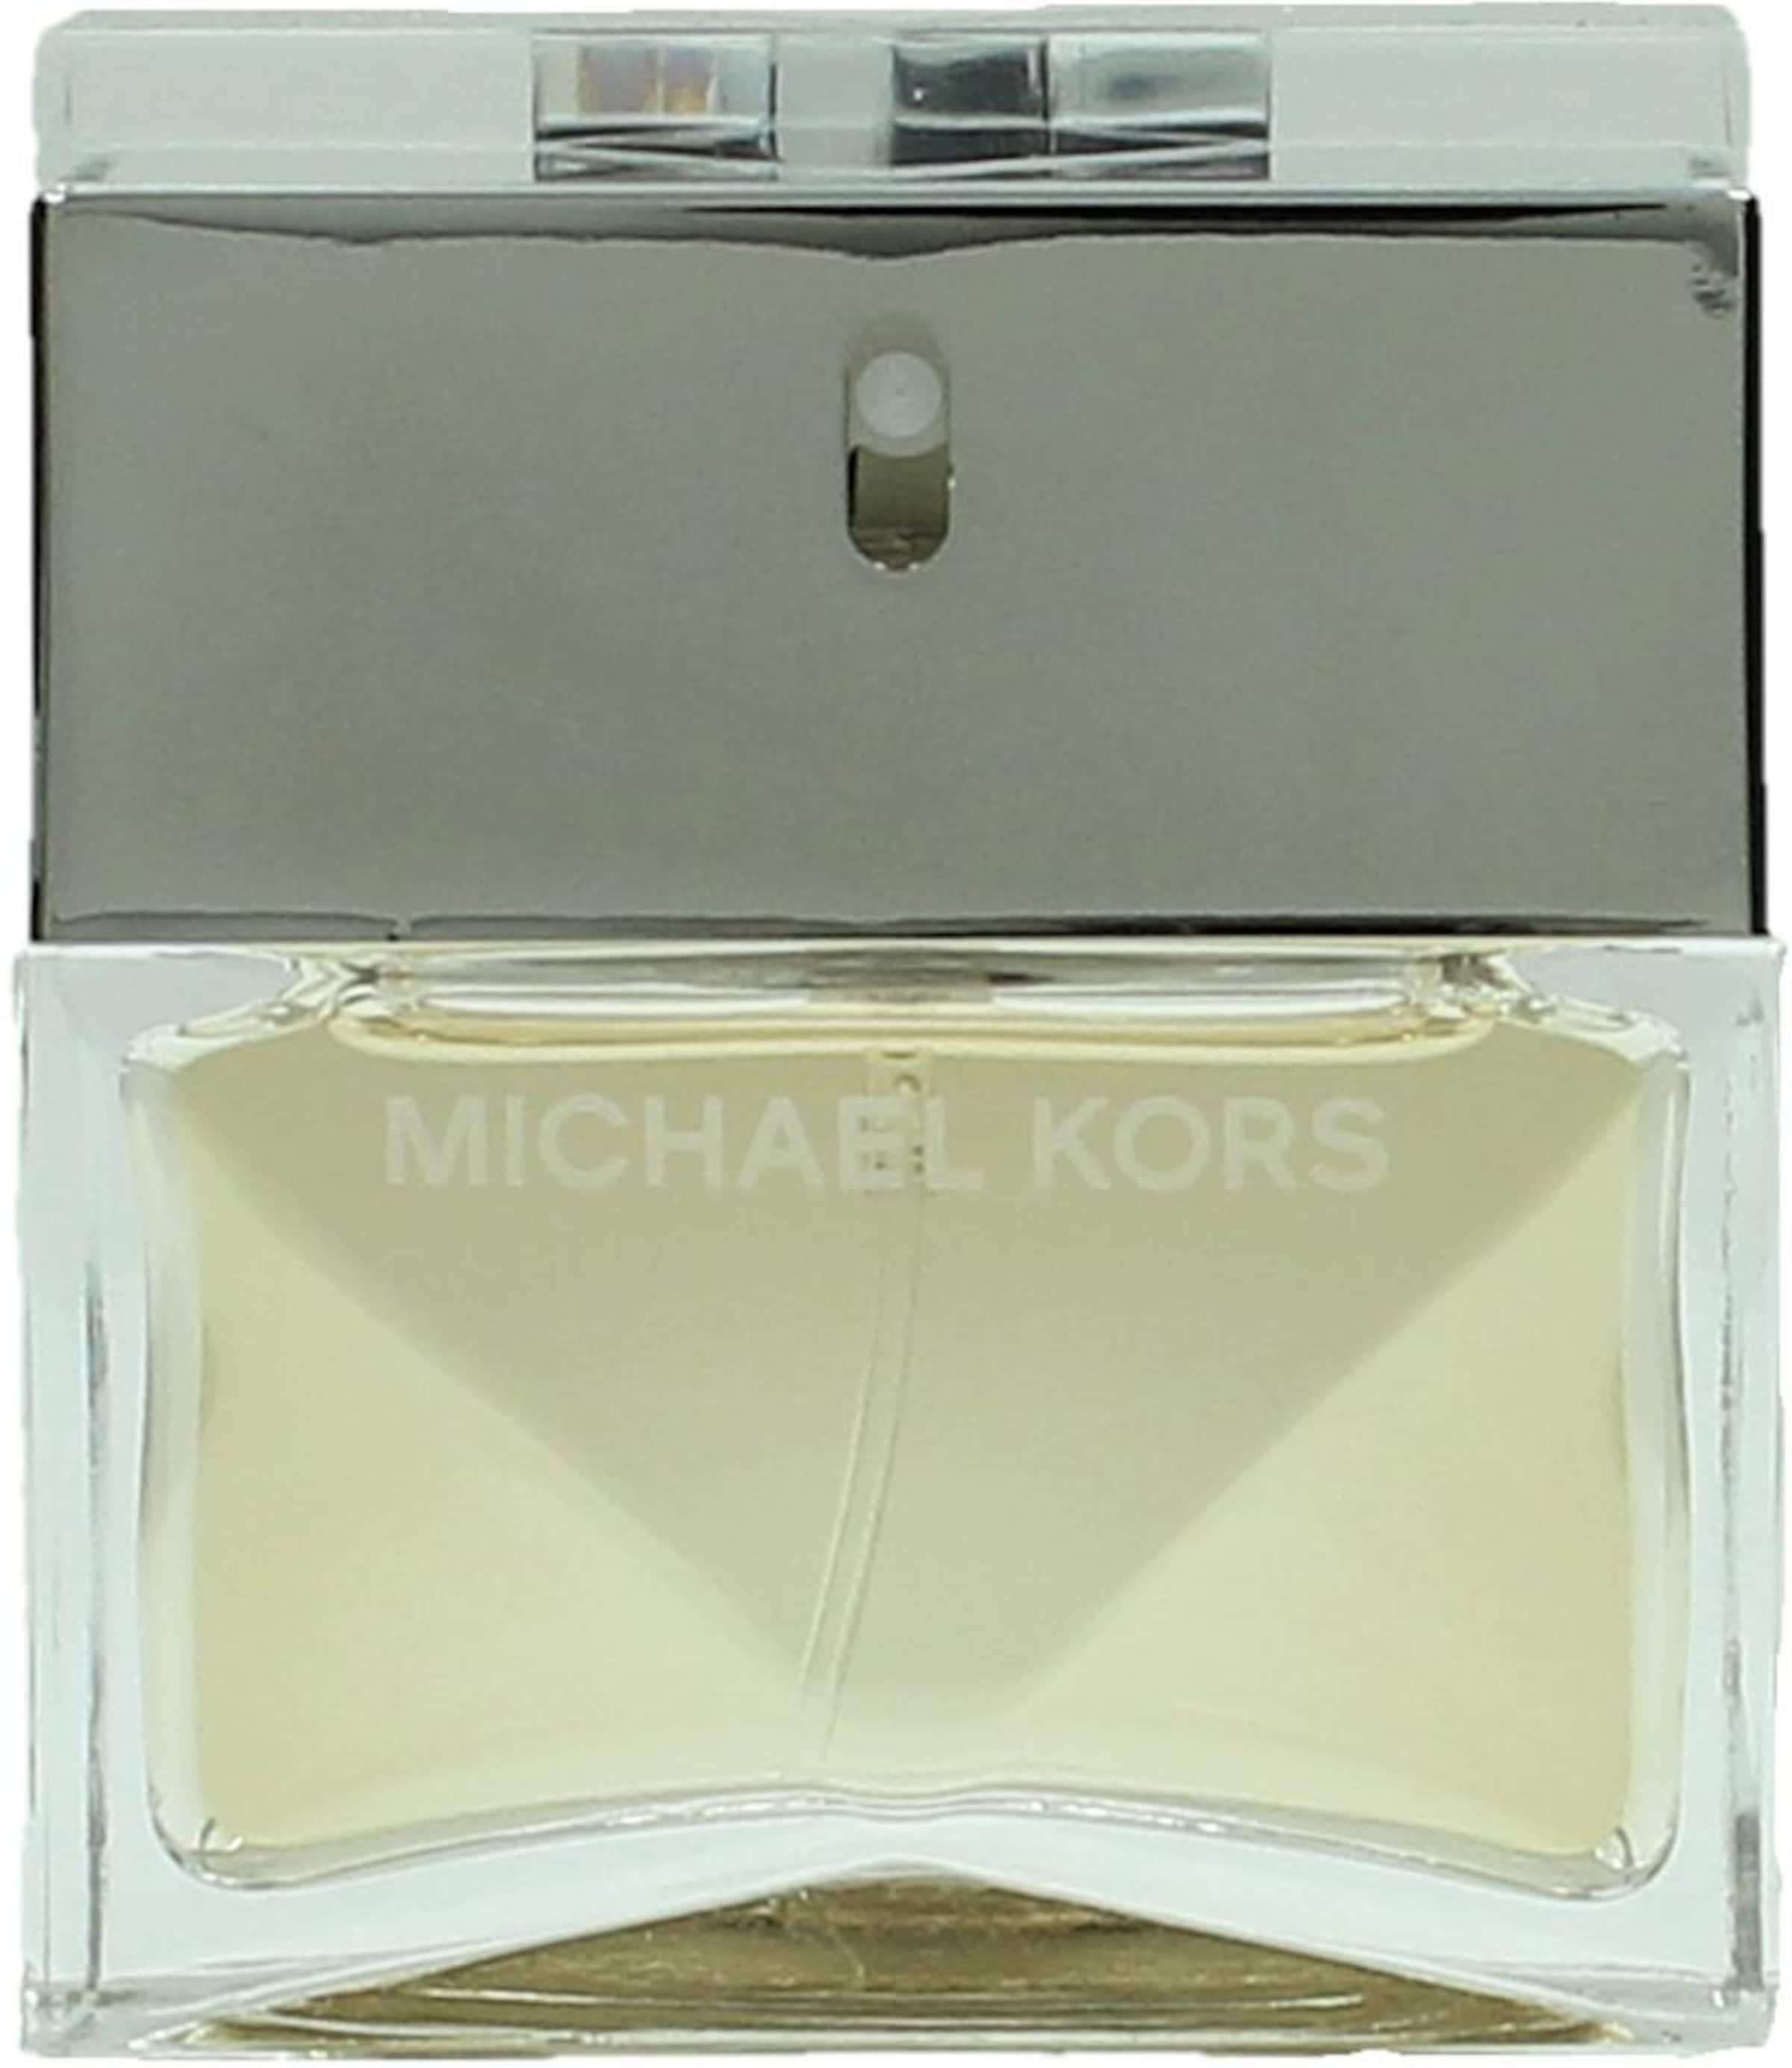 Finden Große Zum Verkauf Michael Kors 'Signature Woma' Eau de Parfum Outlet Kollektionen 7Abm0